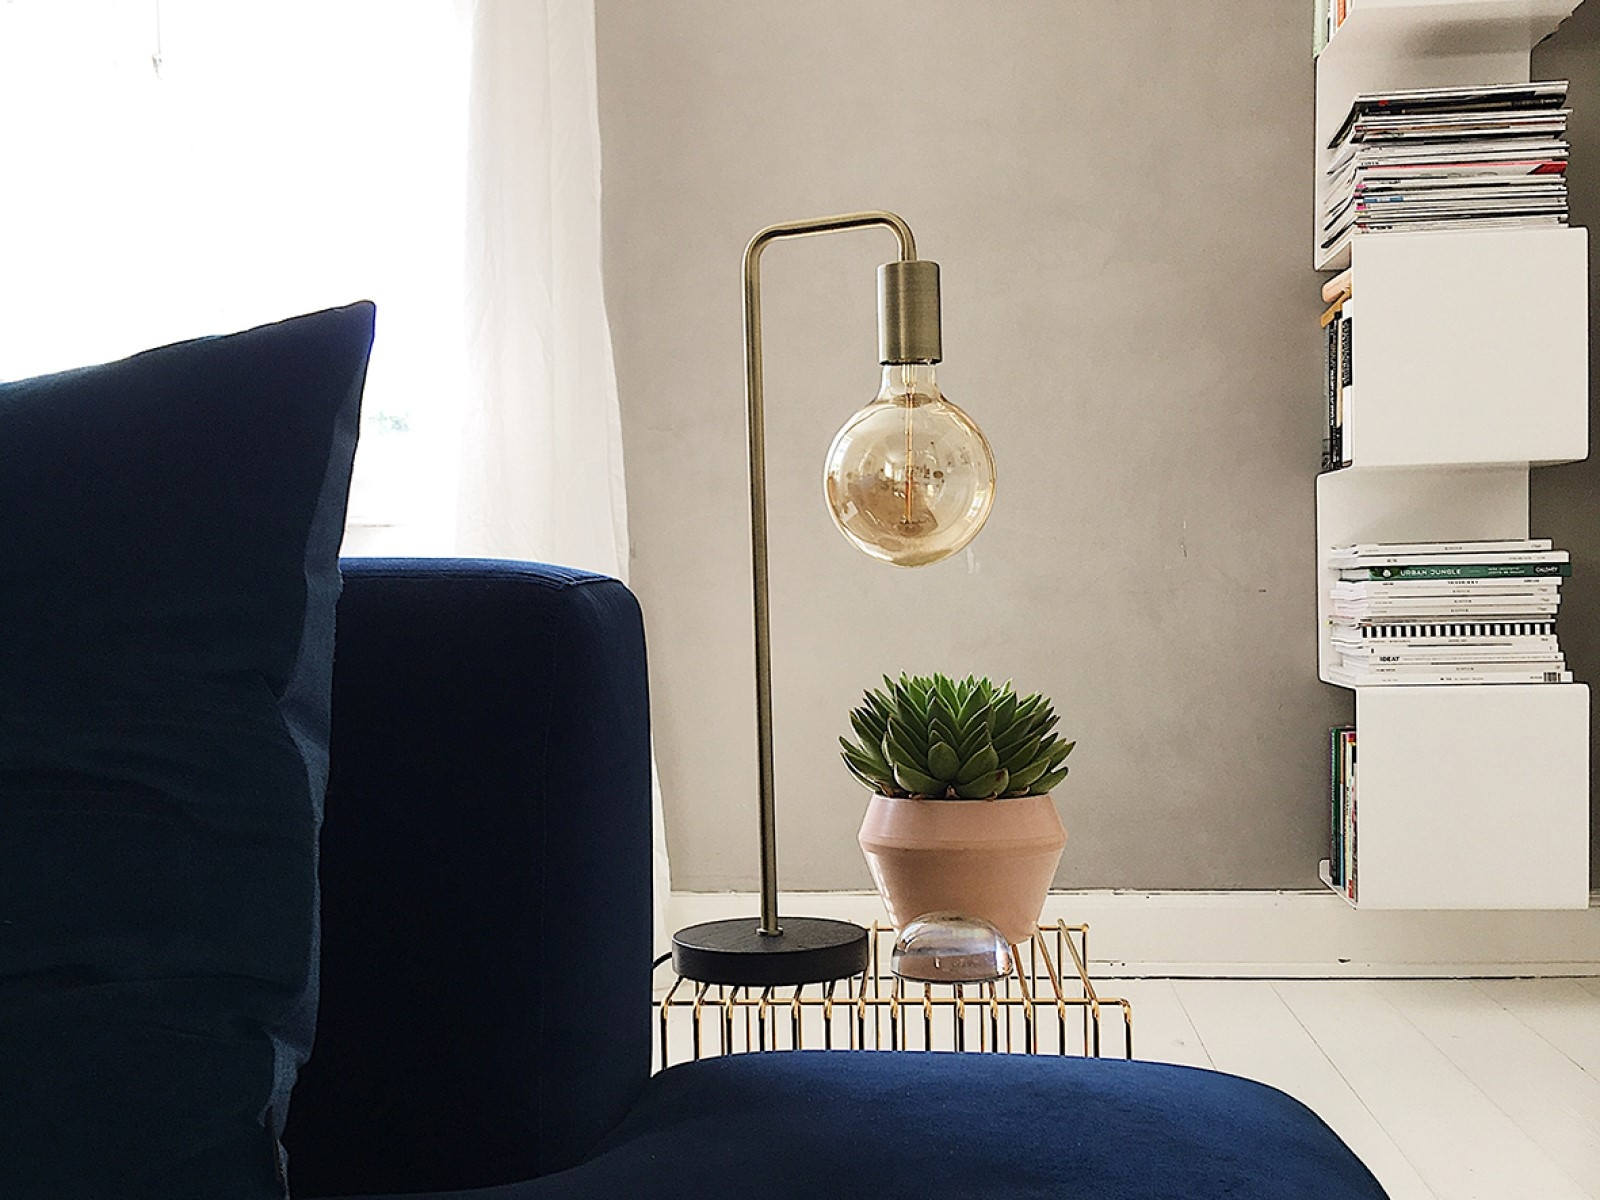 frandsen cool table lamp innoshop. Black Bedroom Furniture Sets. Home Design Ideas